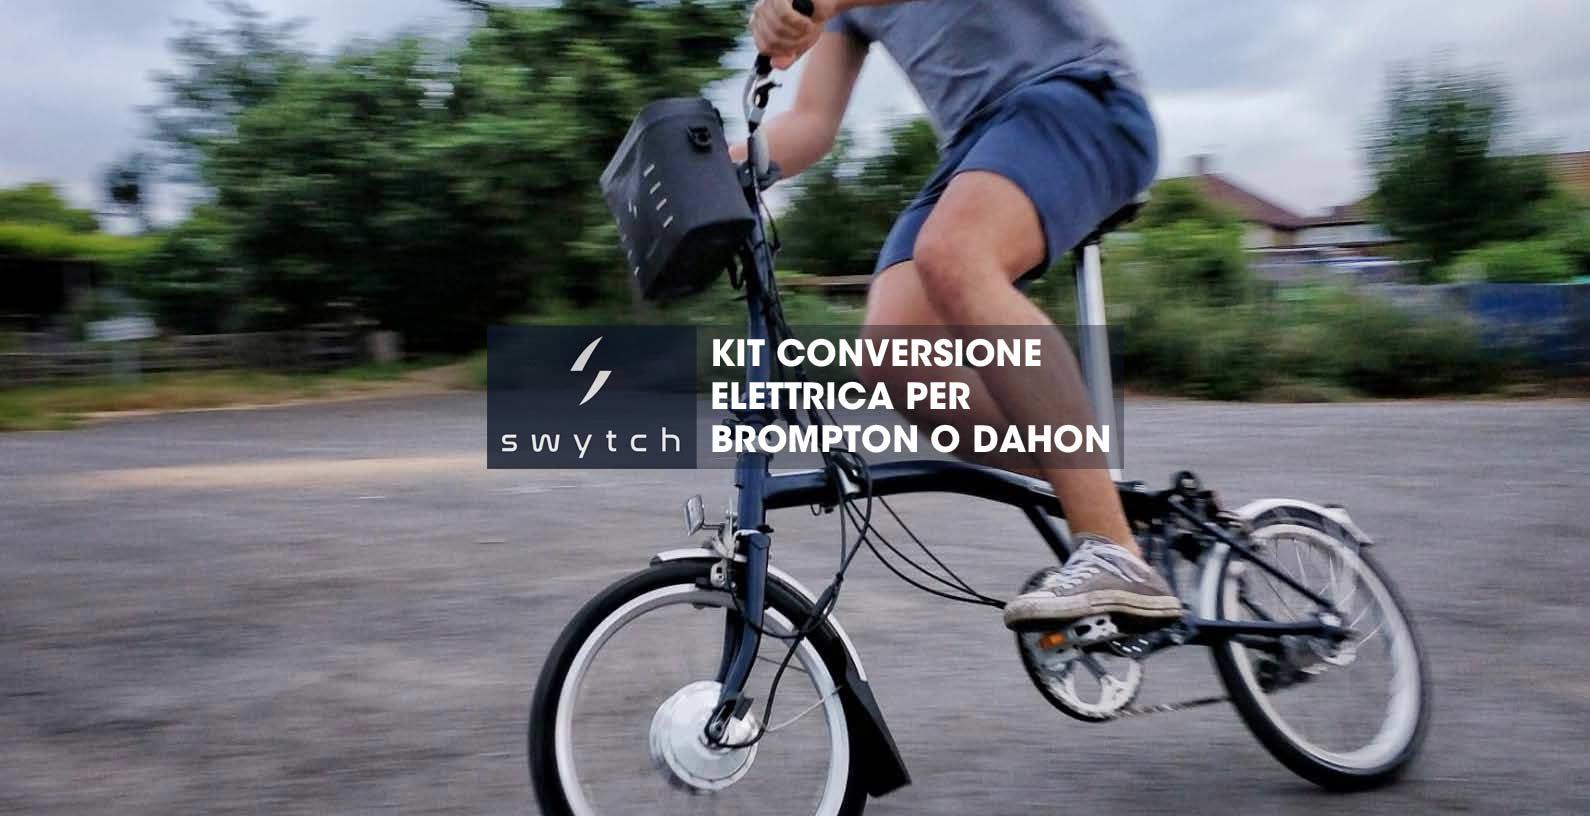 swytch kit brompton elettrica